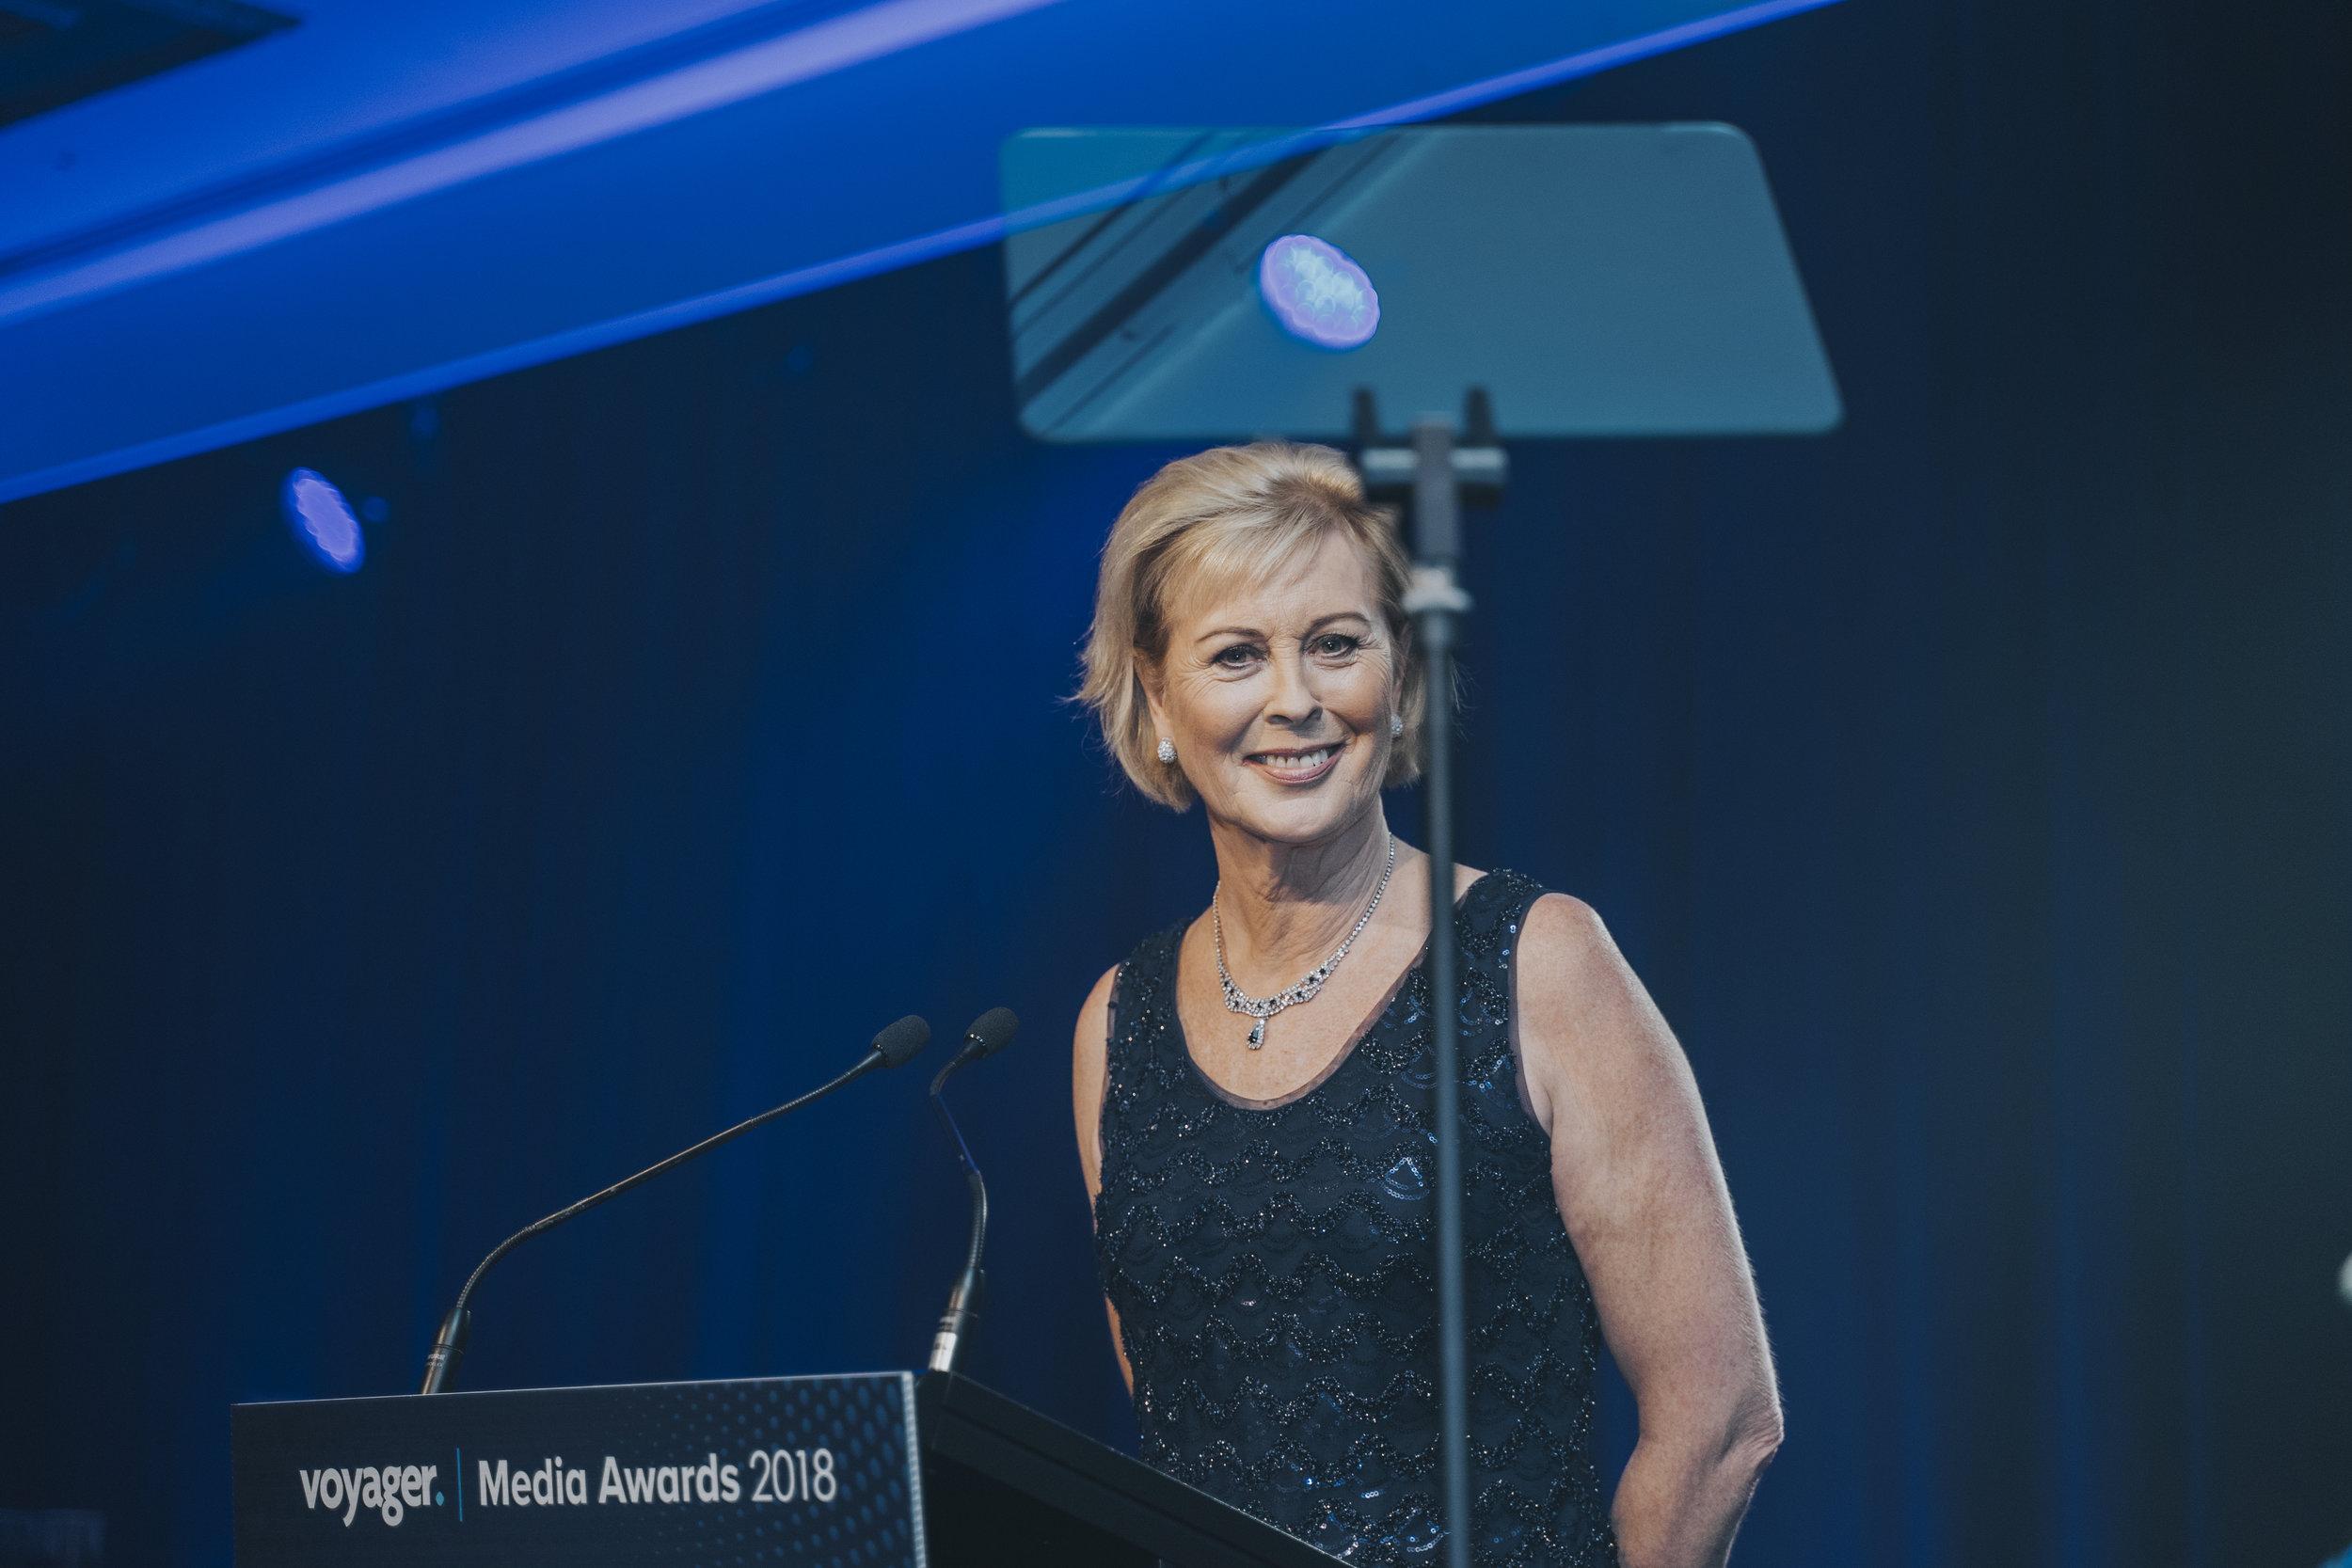 Voyager Media Awards 2018-83.JPG